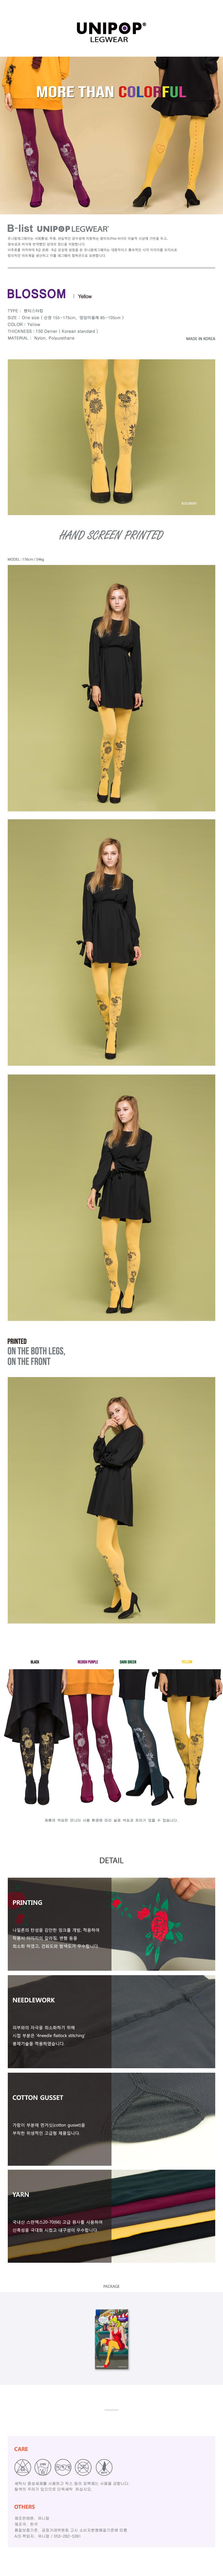 유니팝 레그웨어(UNIPOP LEGWEAR) BLOSSOM - yellow